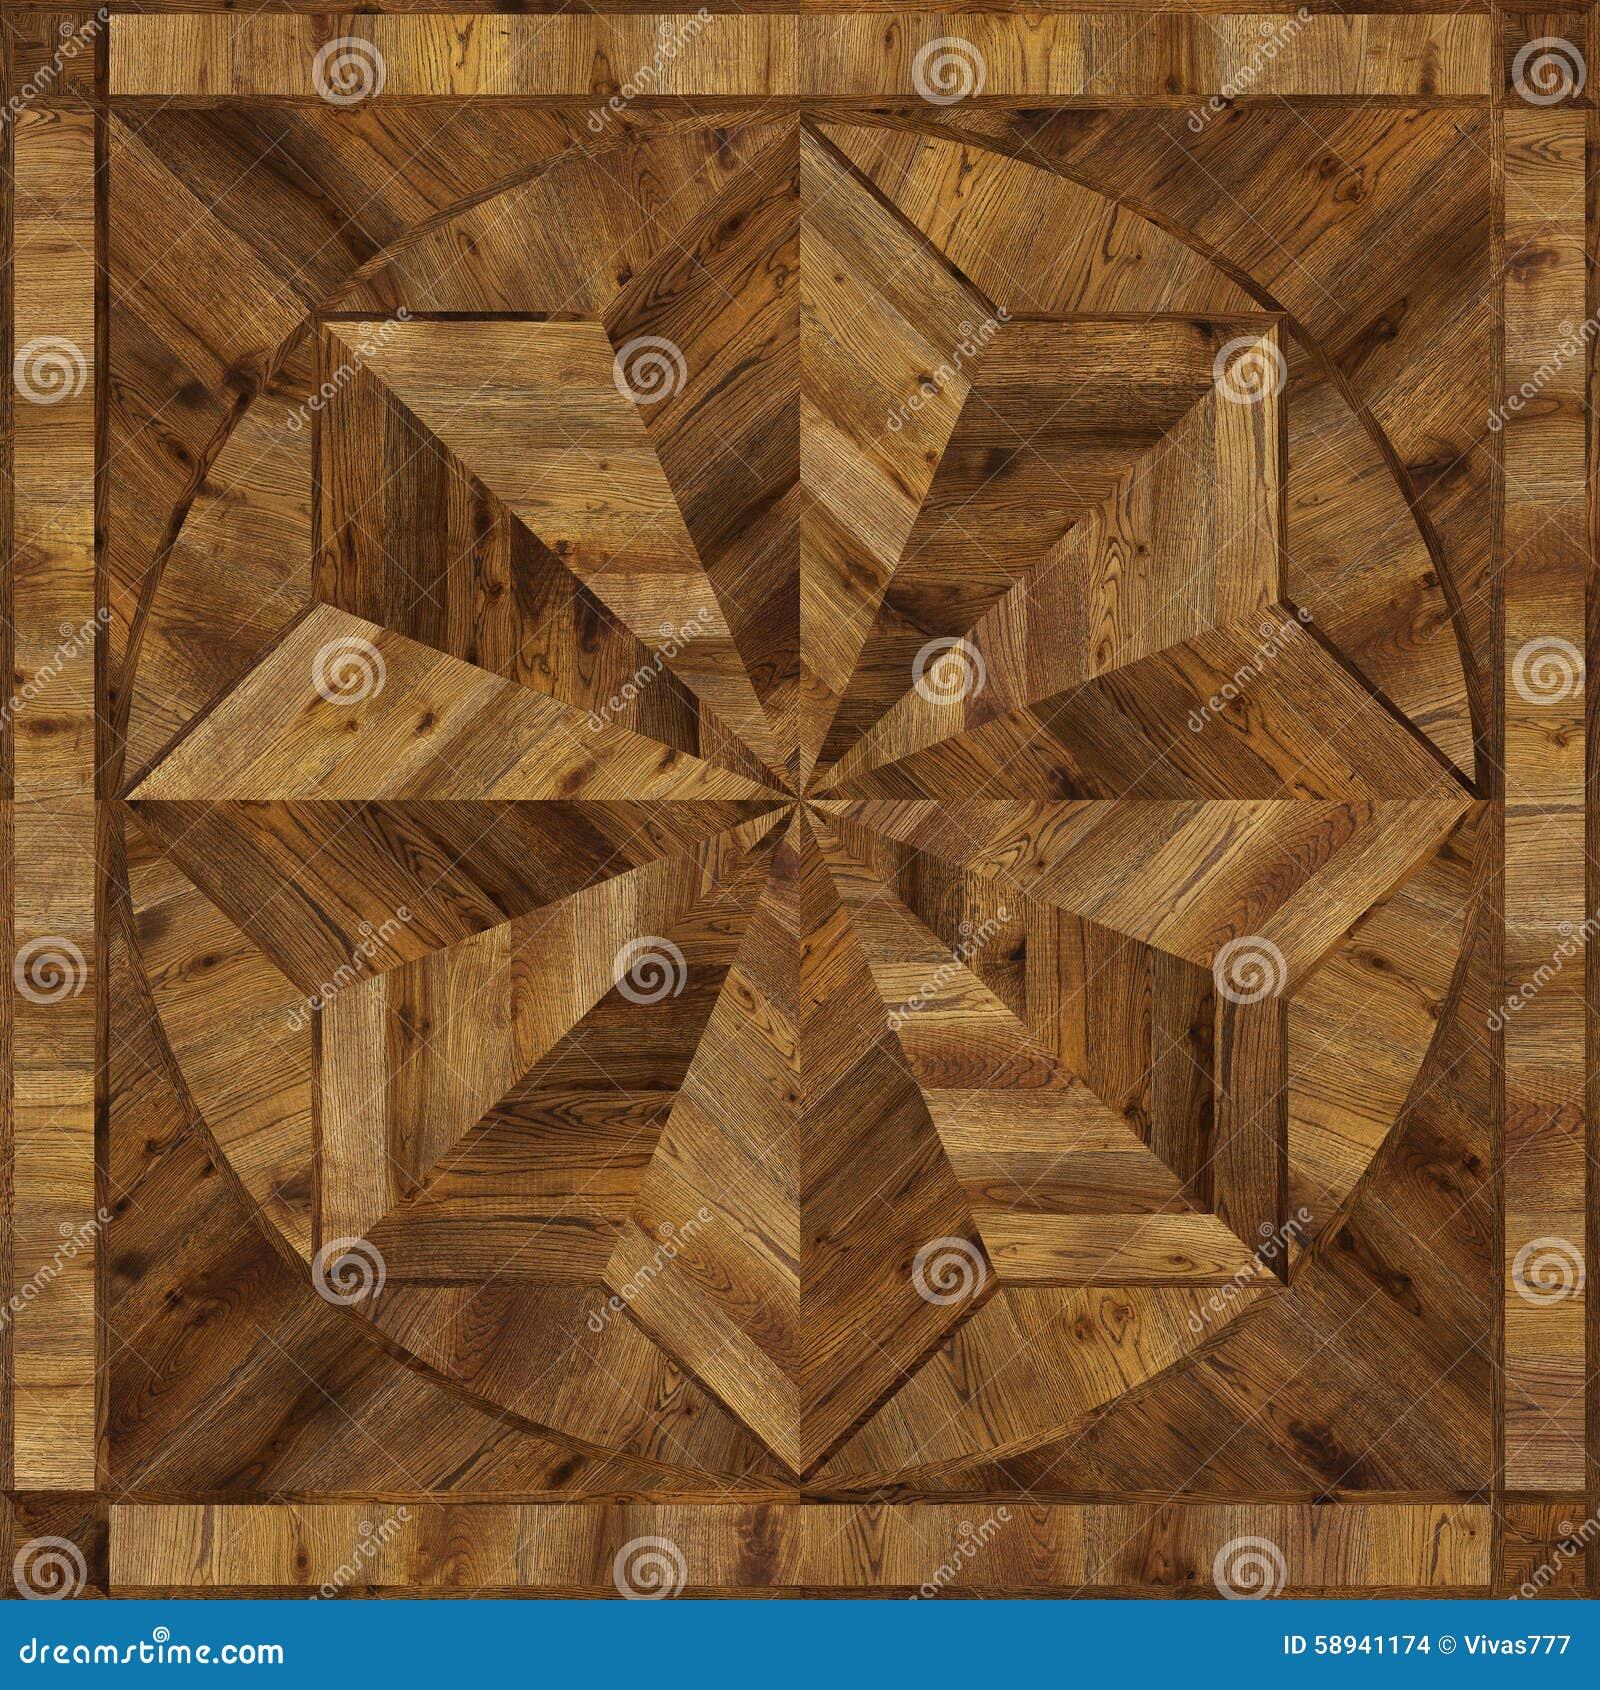 Medallion Design Grunge Parquet Floor Wooden Seamless